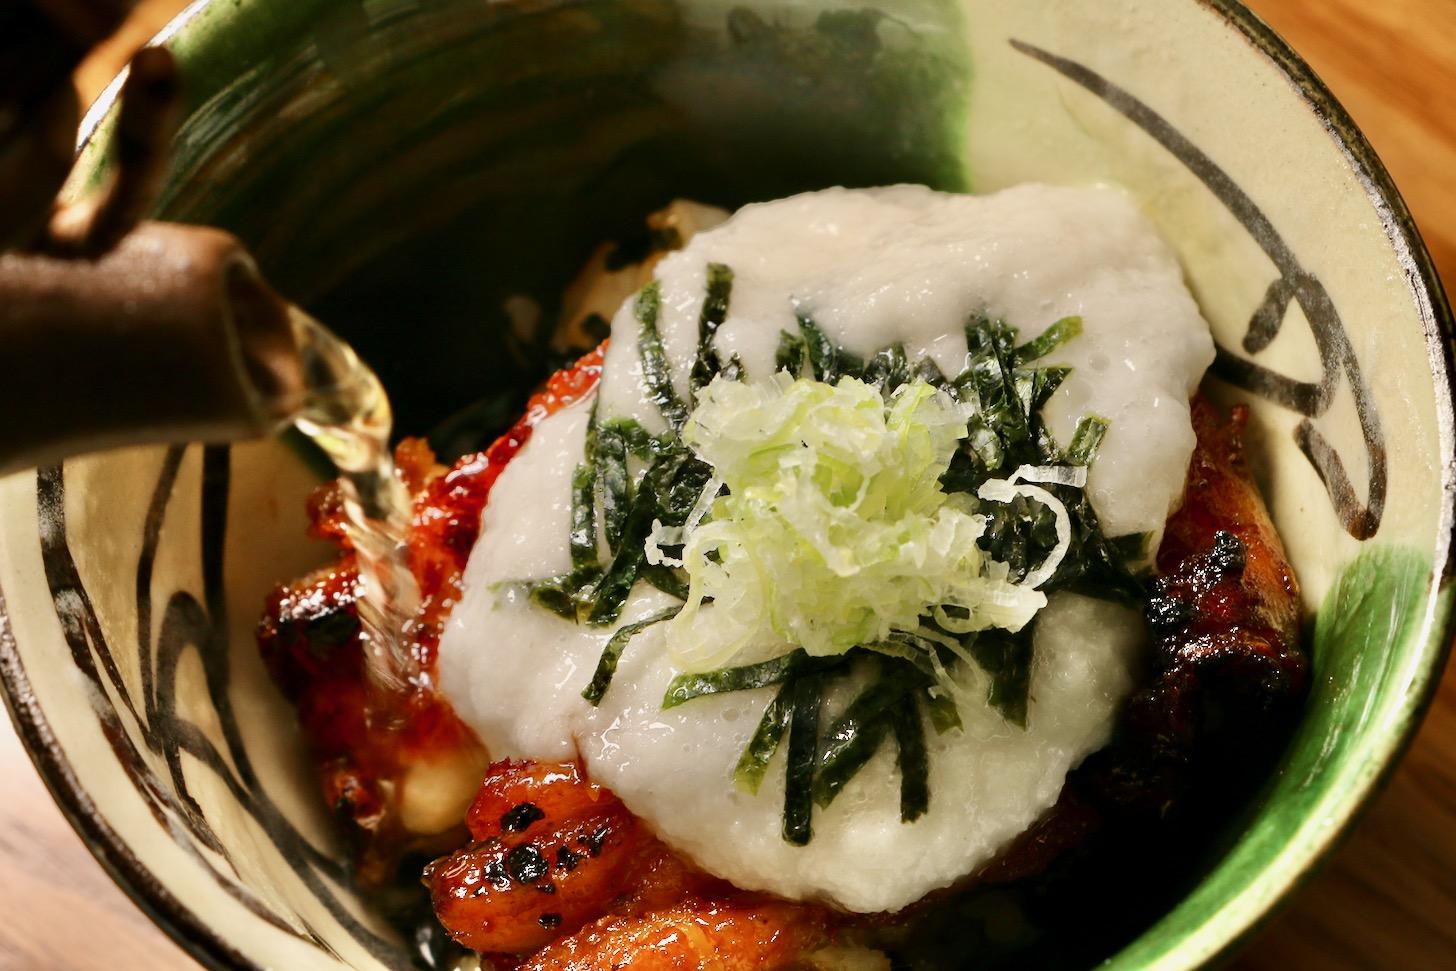 静岡県浜松市の老舗うなぎ店「中川屋」が西麻布に出店!今回は名物の「うなぎとろろ茶漬け」を取材してきました。